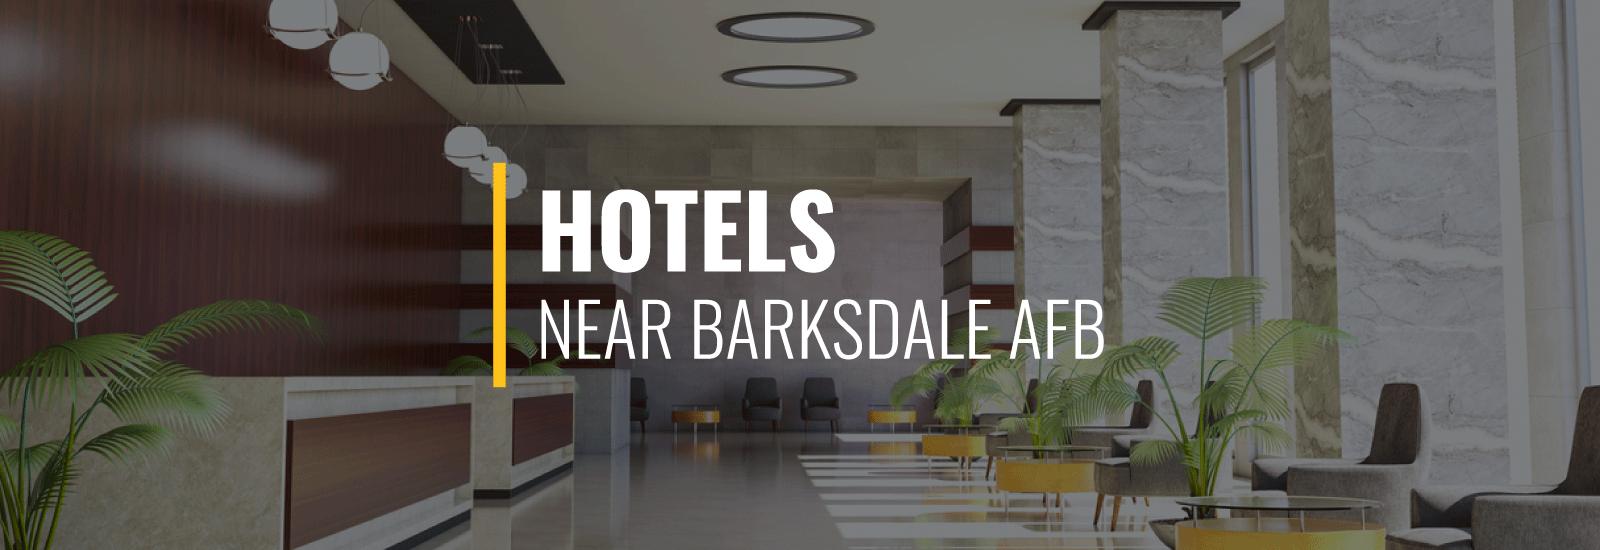 Barksdale AFB Hotels